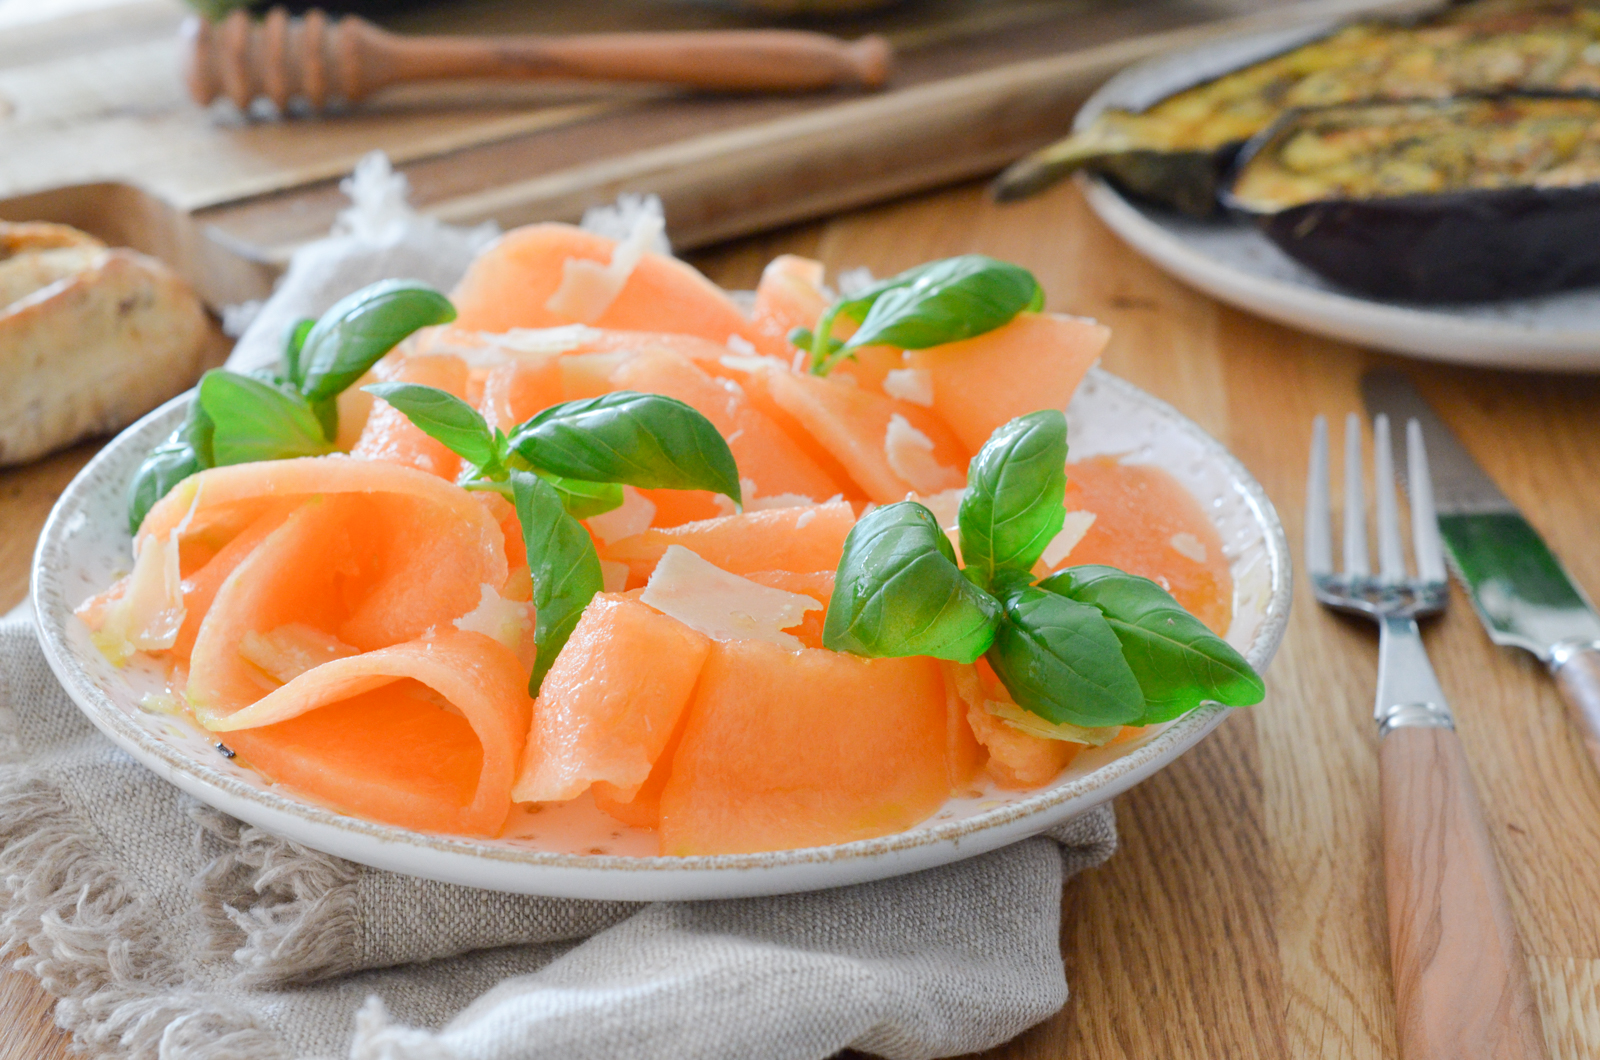 Carpaccio de melon